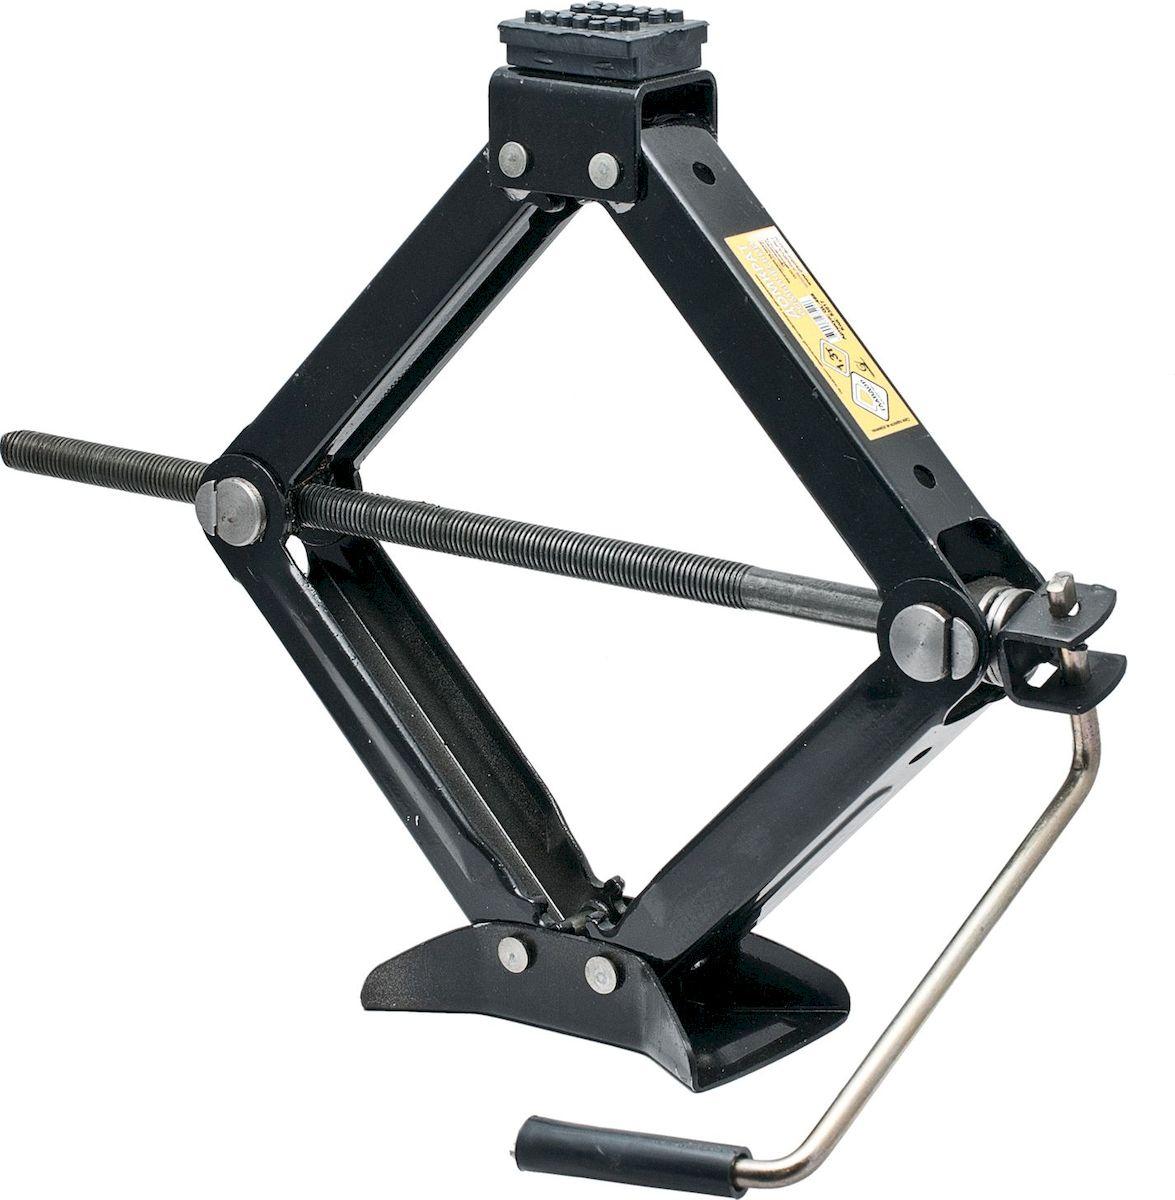 Домкрат ромбический Главдор, механический, 1,3 тGL-467Механический ромбический домкрат Главдор предназначен для поднятия грузов весом до 1,3 т. Домкрат отличается компактностью конструкции, простотой обслуживания и надежностью в эксплуатации. Домкрат имеет удобные ручки для плавного равномерного подъема при небольших усилиях.Полностью металлическая конструкция узлов и агрегатов обеспечивает высокую надежность и отказоустойчивость. В качестве несущих элементов используются четыре шарнирно-соединительных рычага, образующих ромб. Подъем груза происходит за счет изменения углов между рычагами, что приводит к увеличению или уменьшению расстояния между подхватом и опорной площадкой.